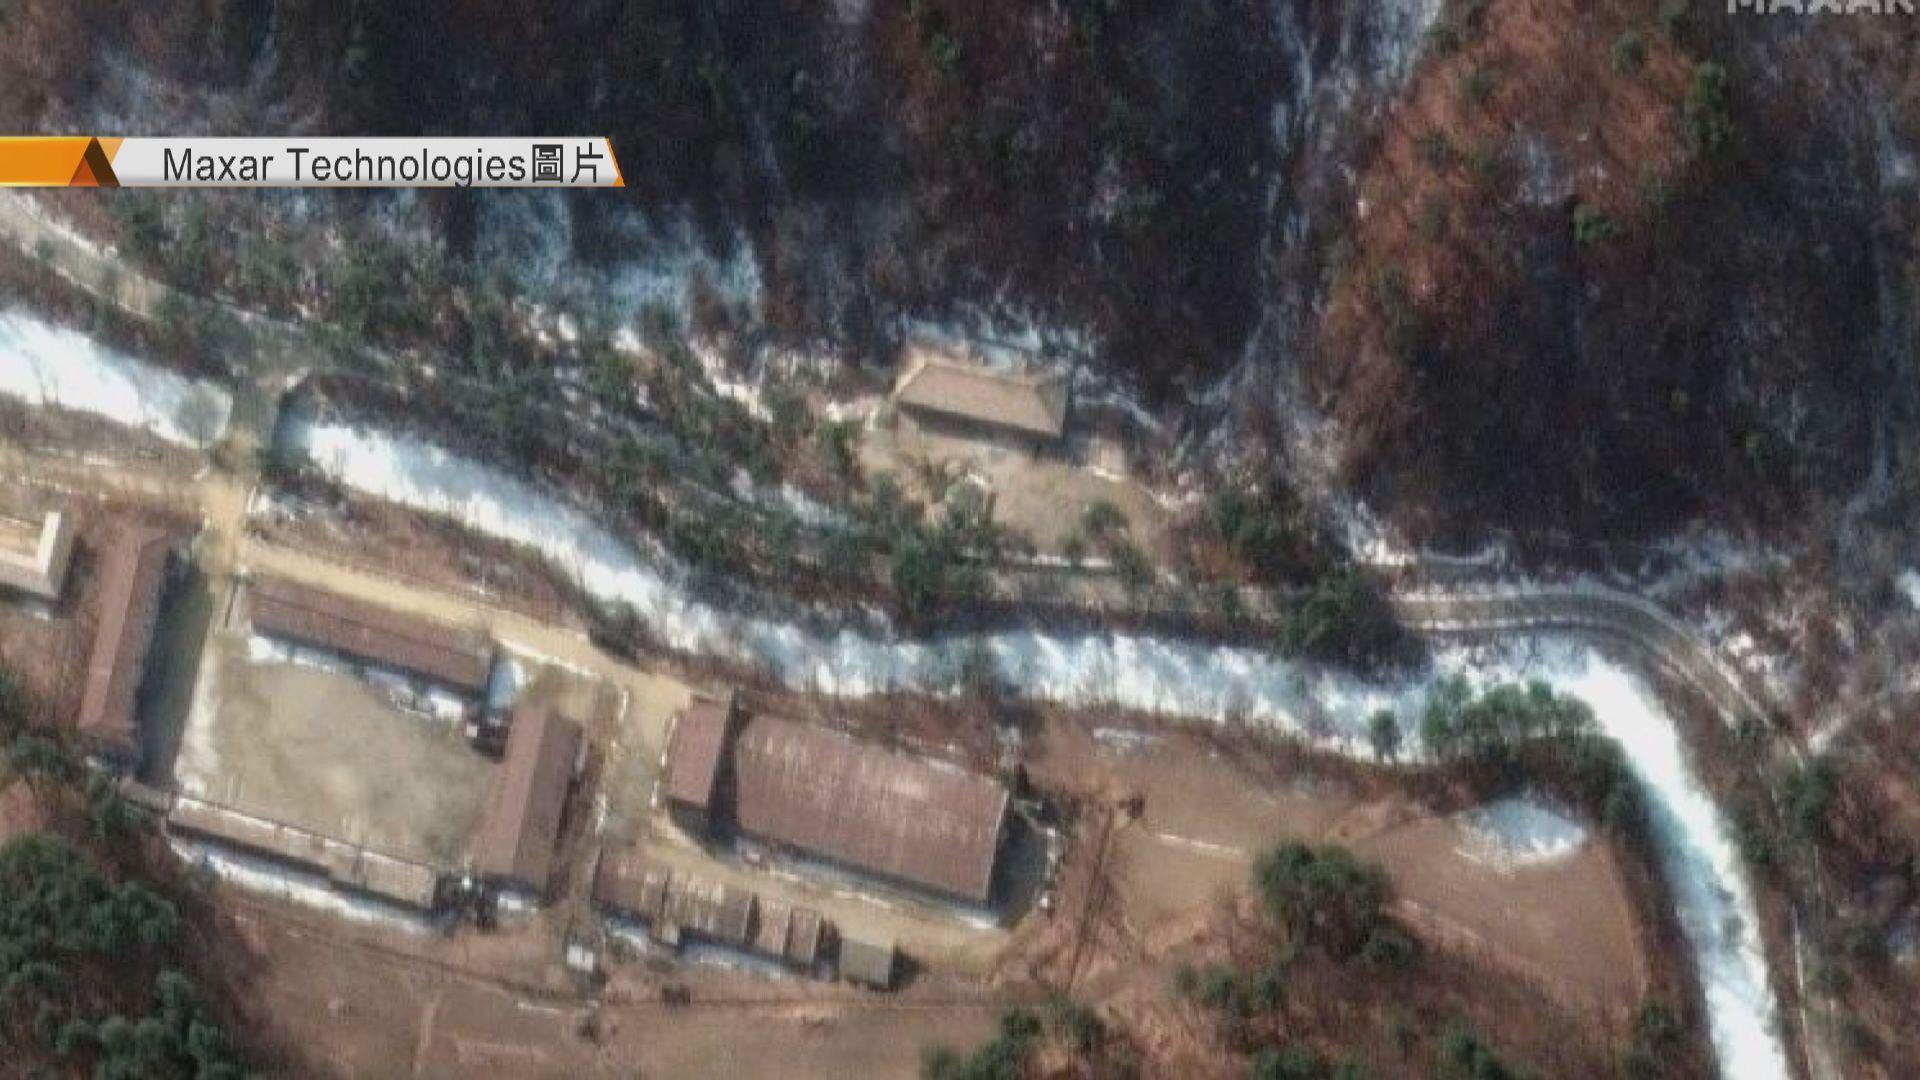 北韓疑建新構築物隱藏核武儲存設施